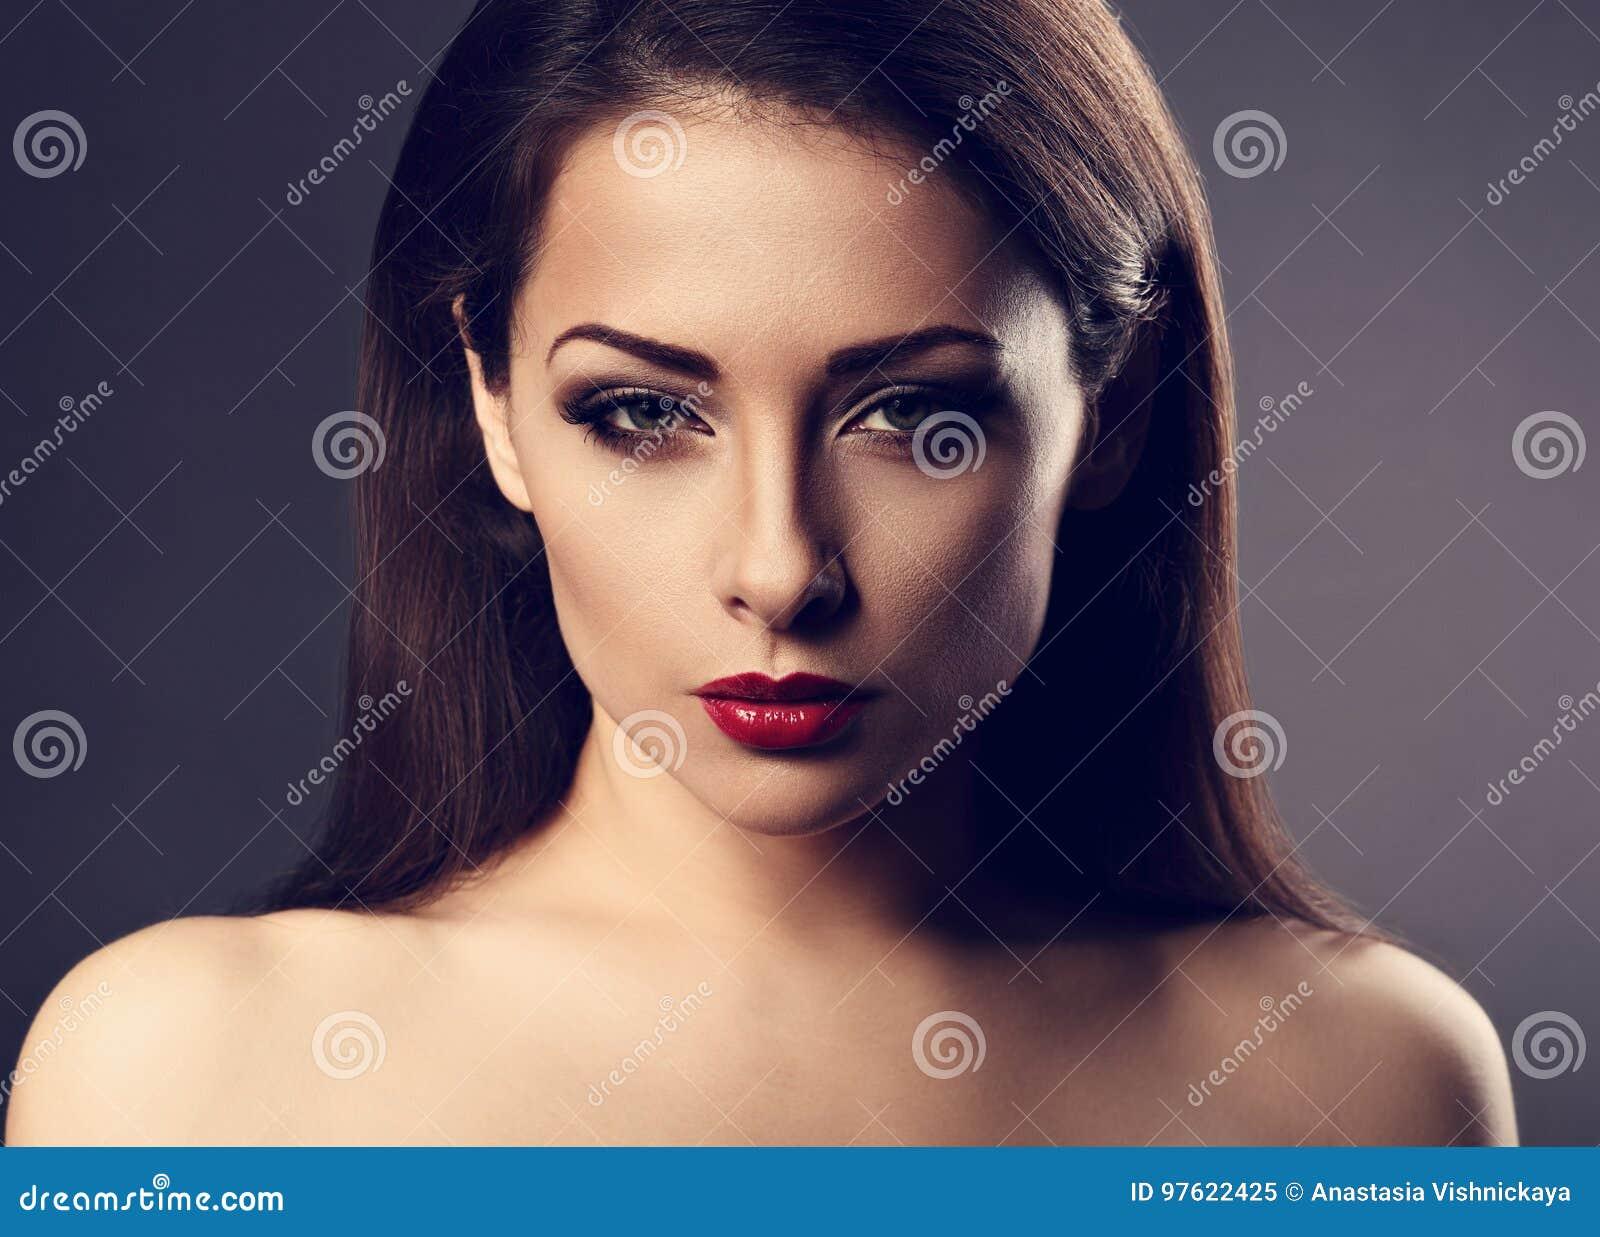 Сексуально возбужденная женщина, девушка начала сосать на глазах у людей